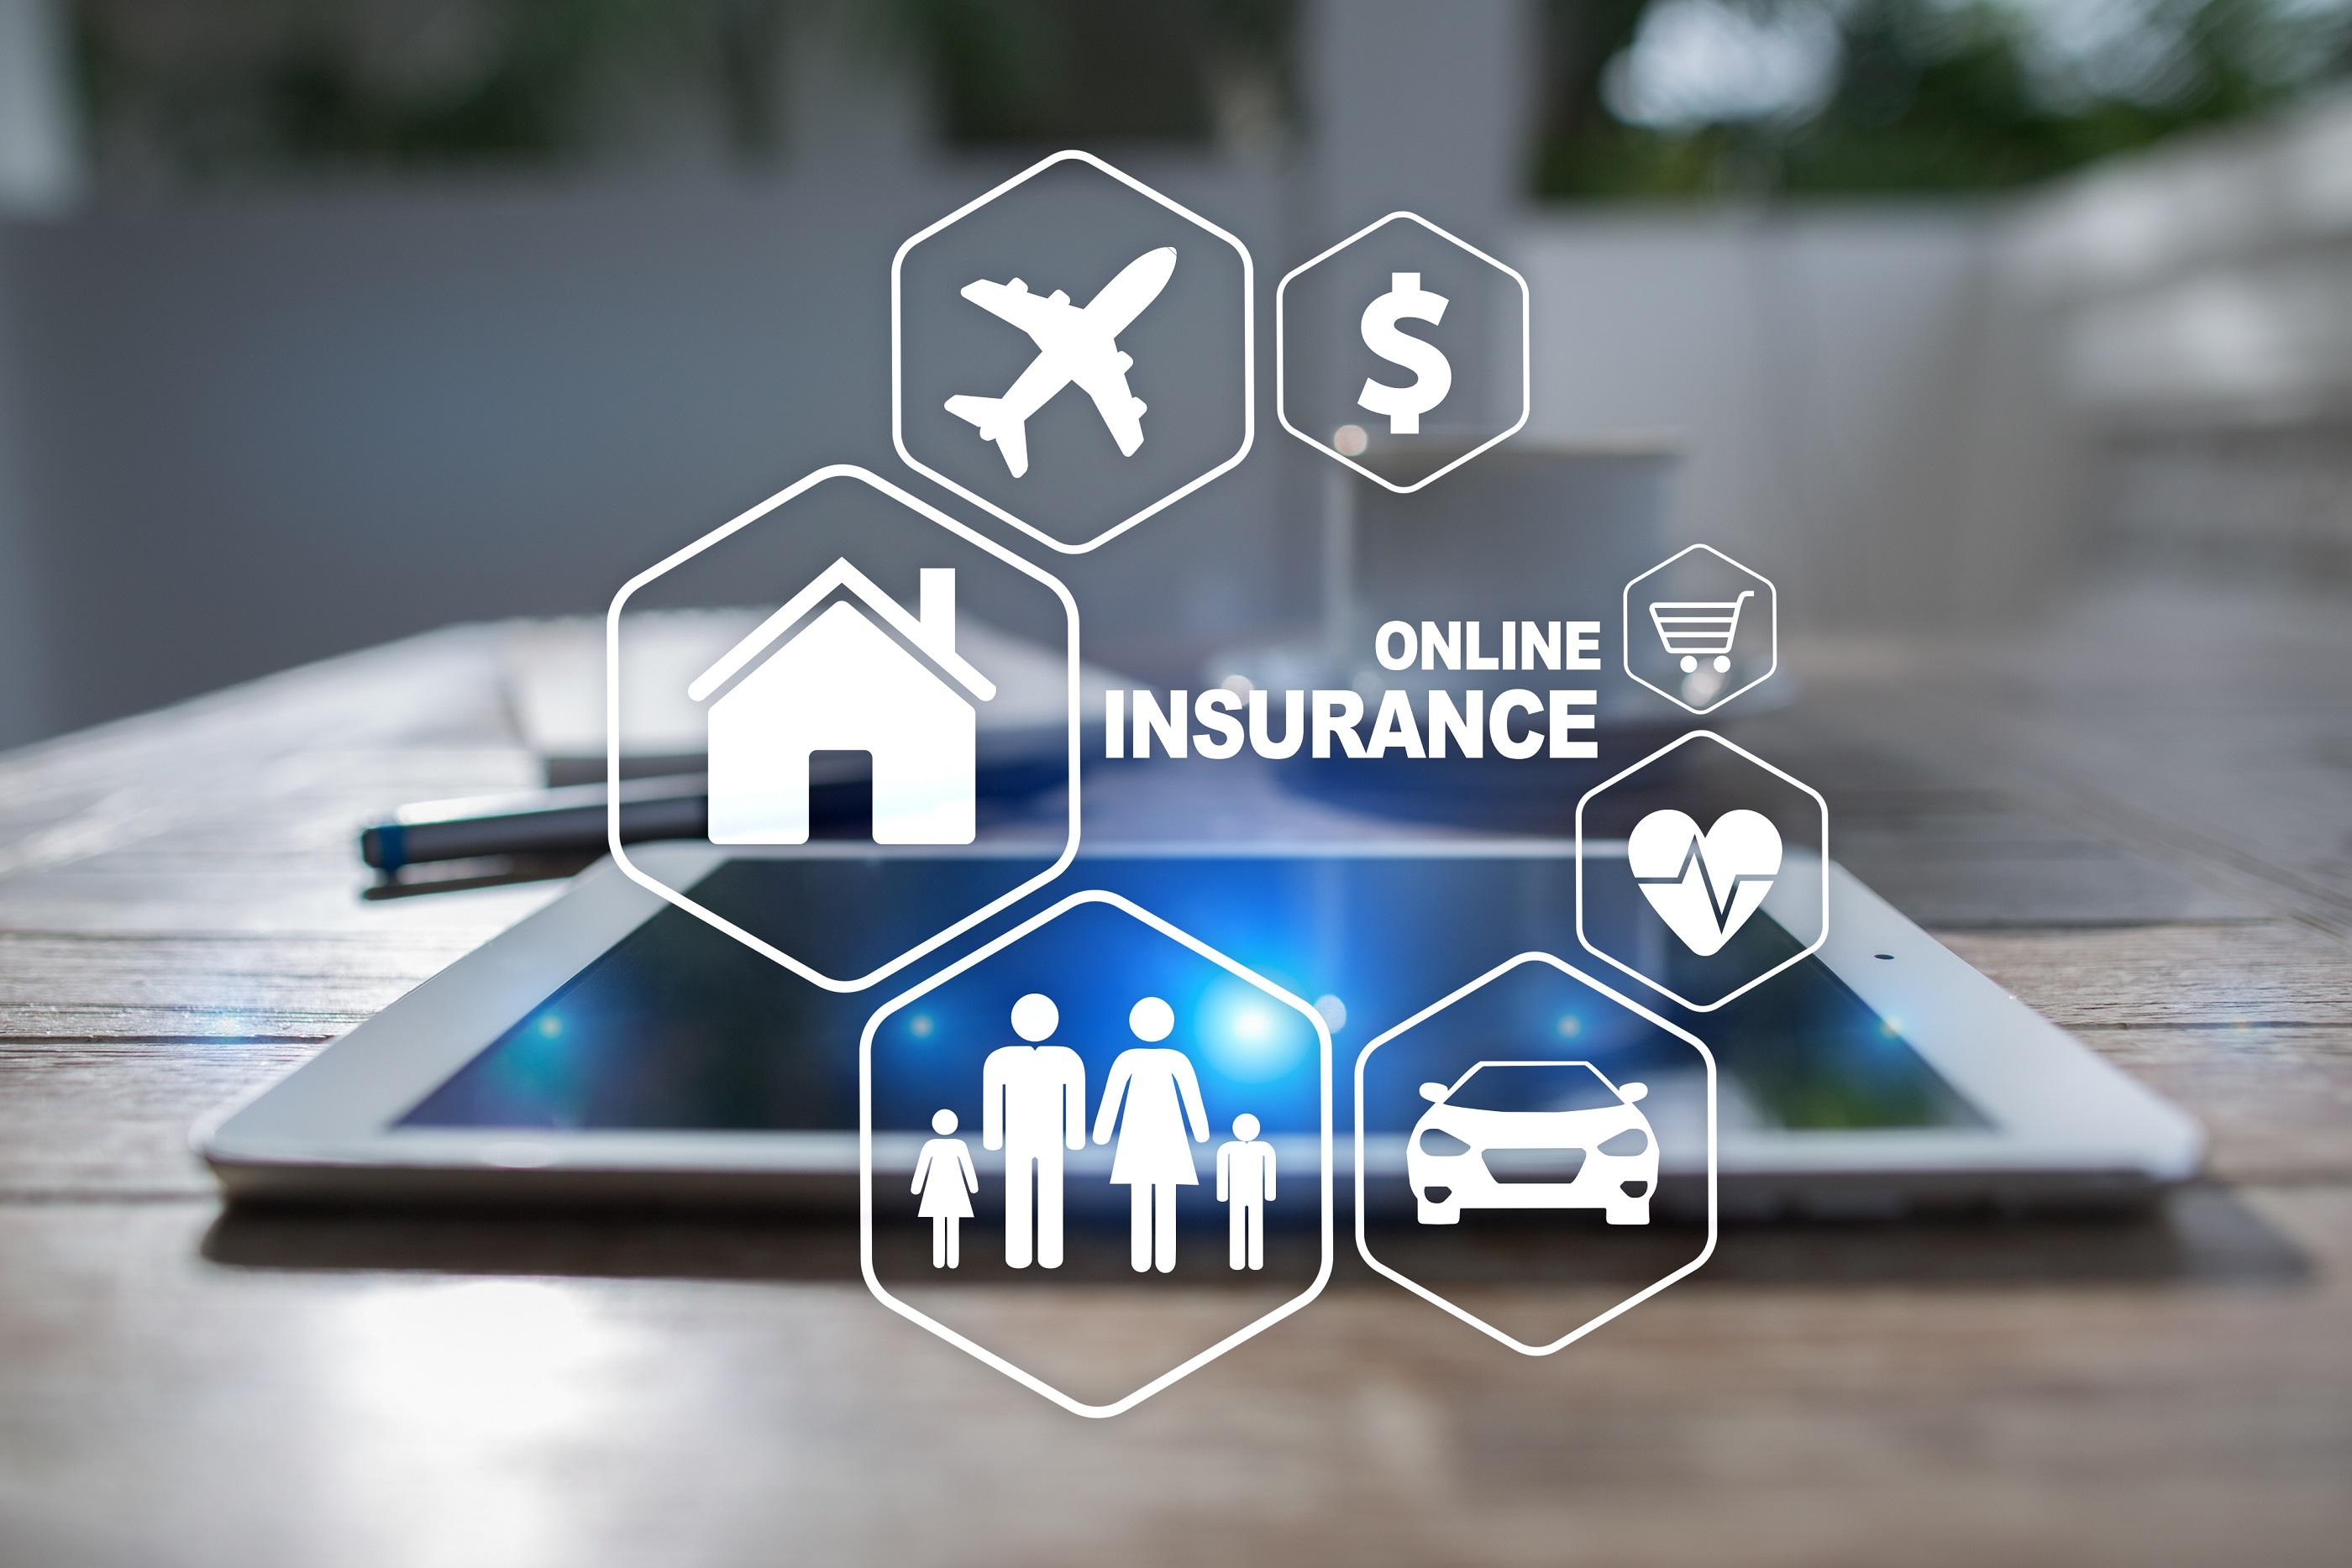 众安科技入选中国保险科技100强,紧贴保险业数字化转型脉搏